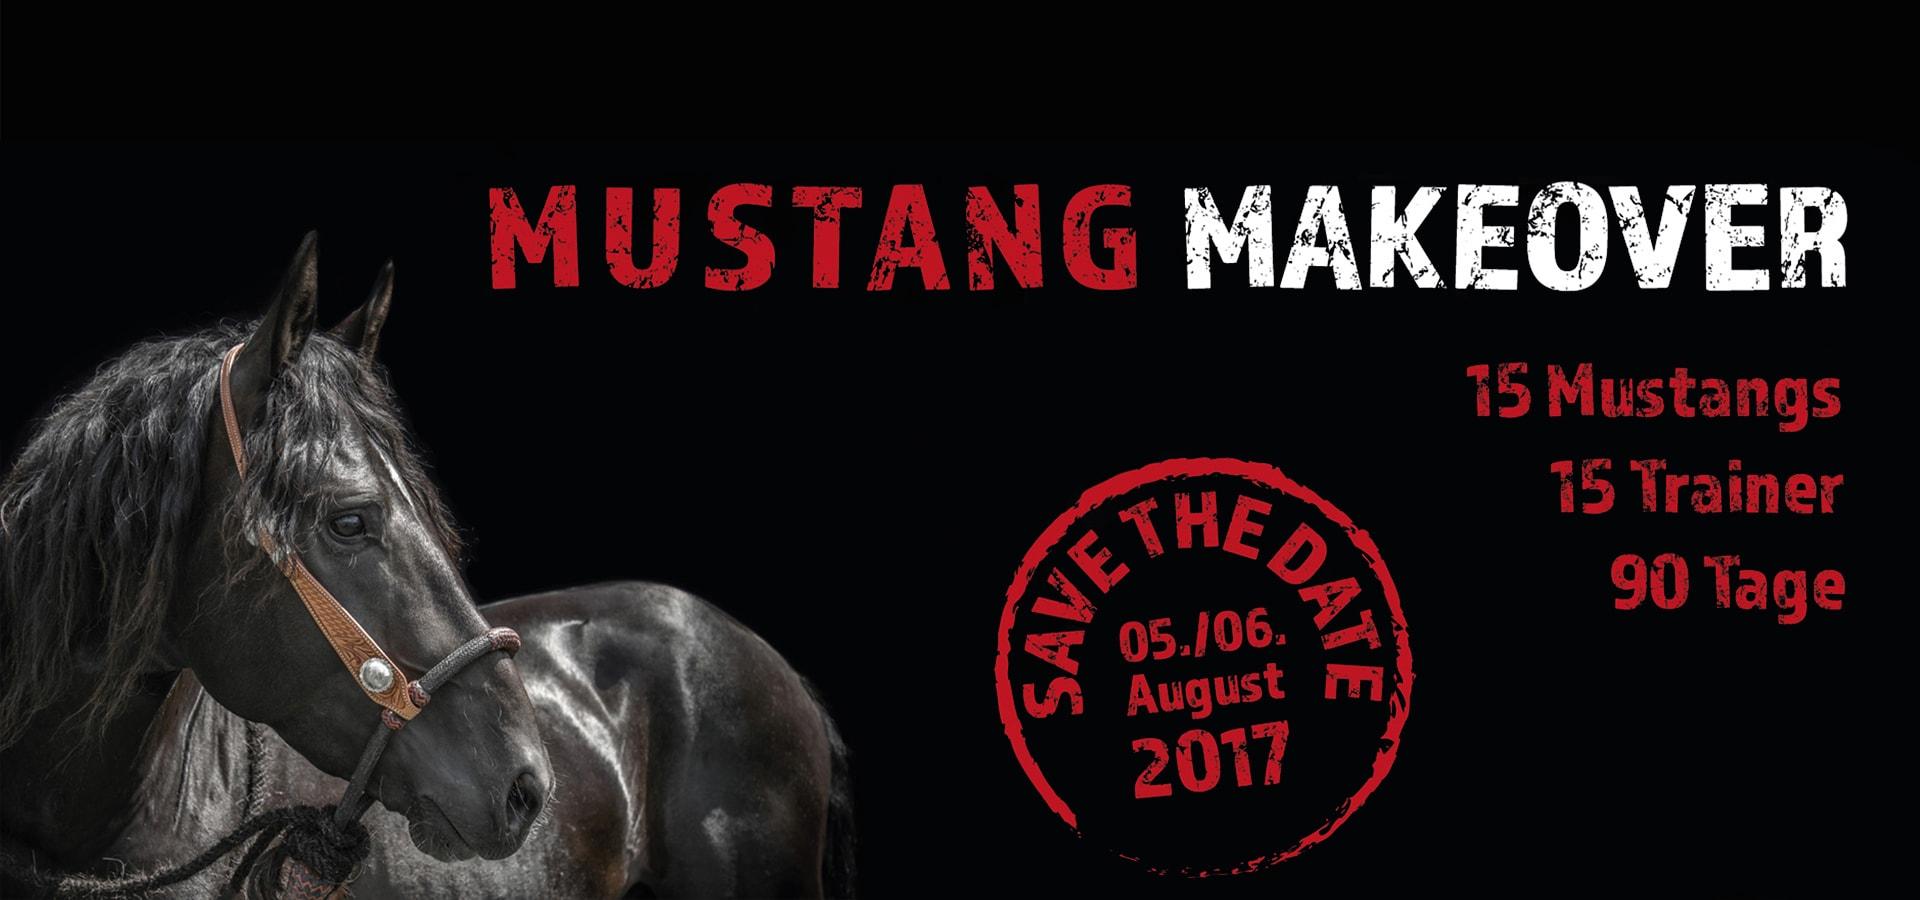 Mustang Makeover Deutschland 2017 Titel